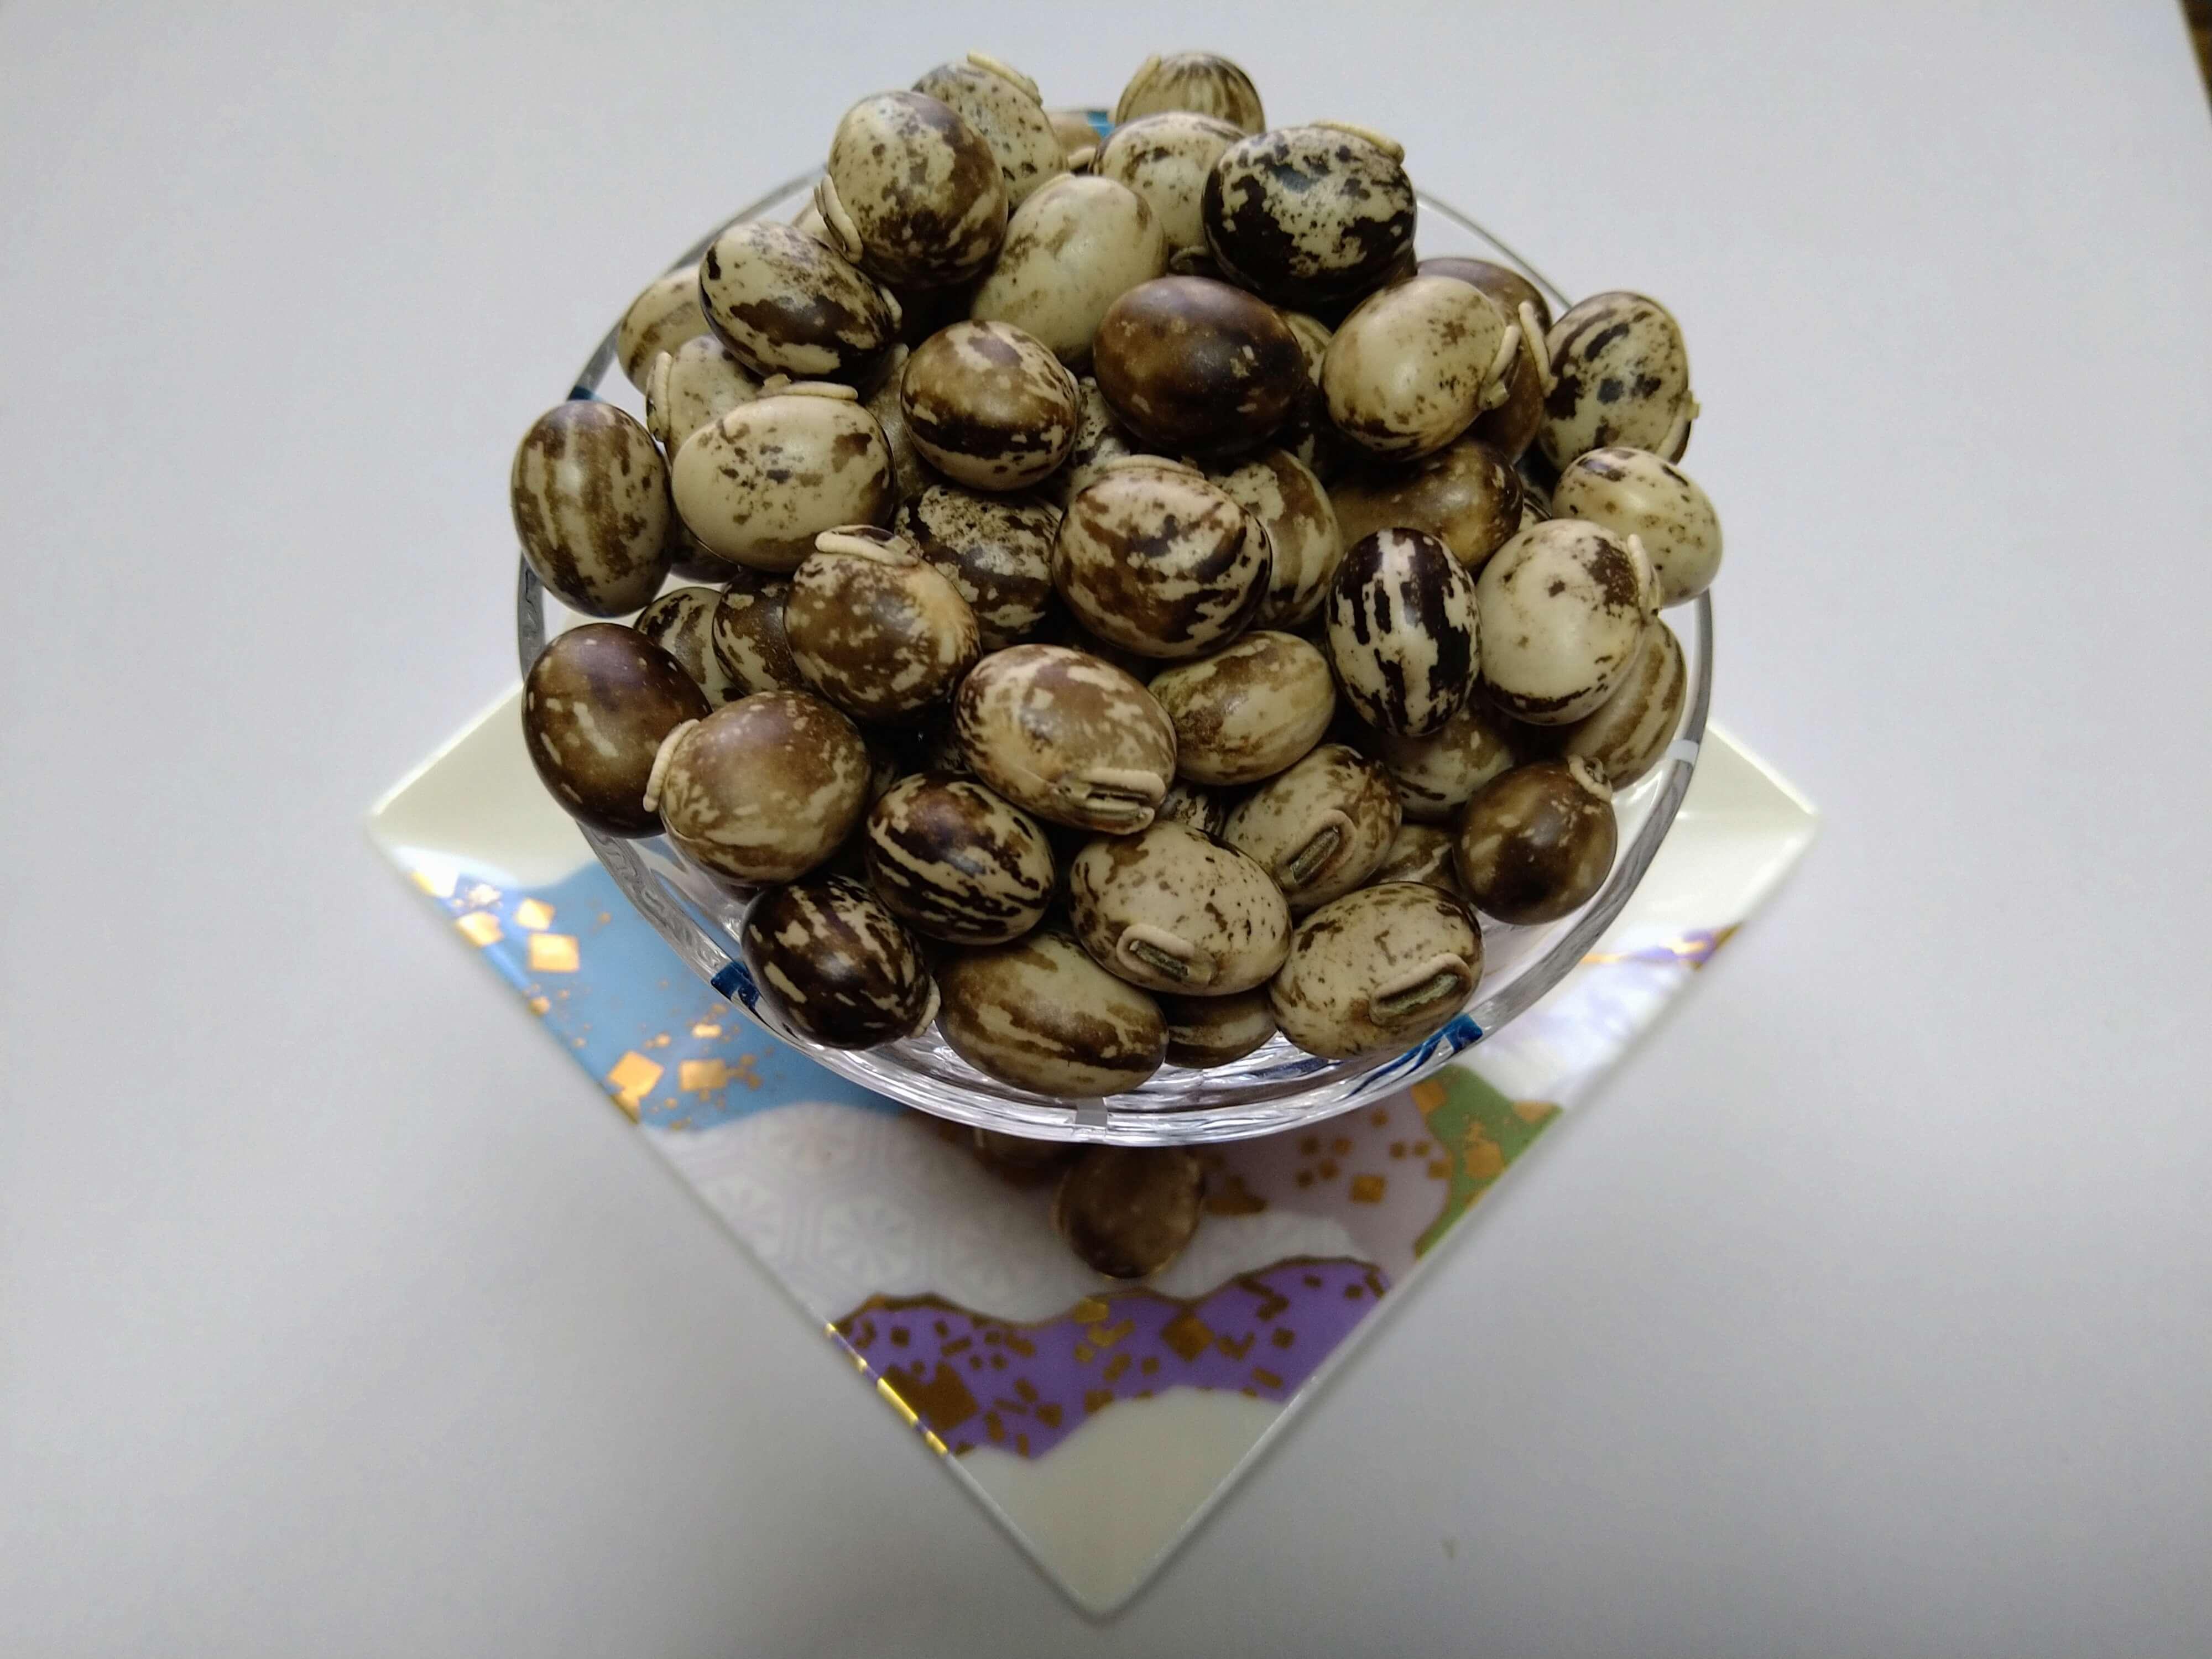 フロリダベルベットビーン生豆50粒 令和2年1月収穫の国内産    送料無料